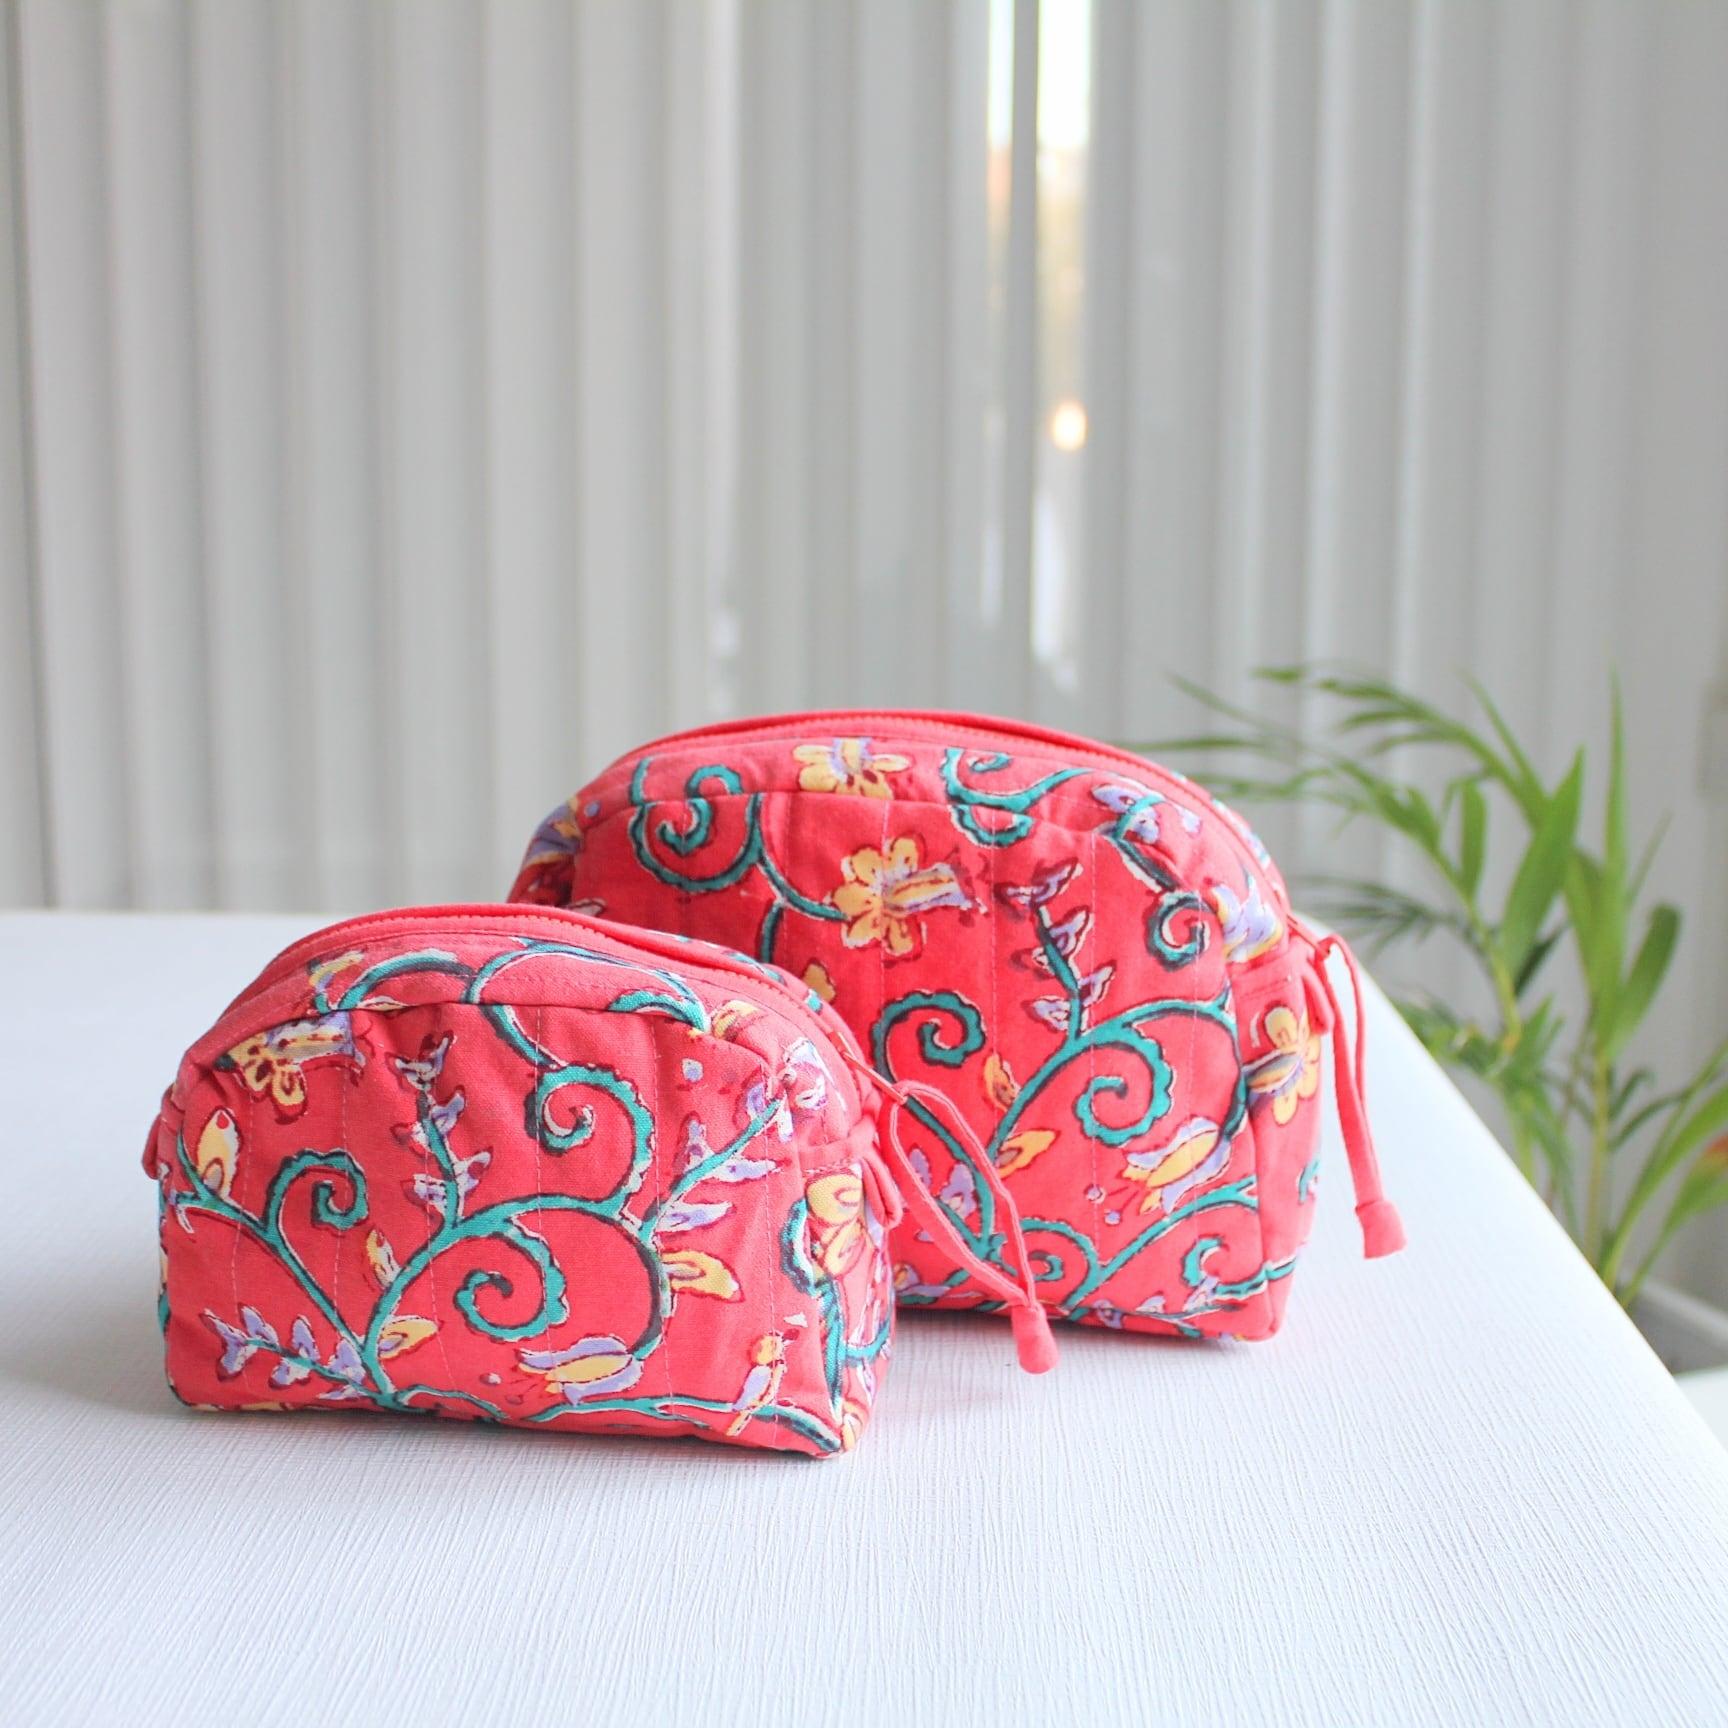 コスメポーチ ピンク Sサイズ